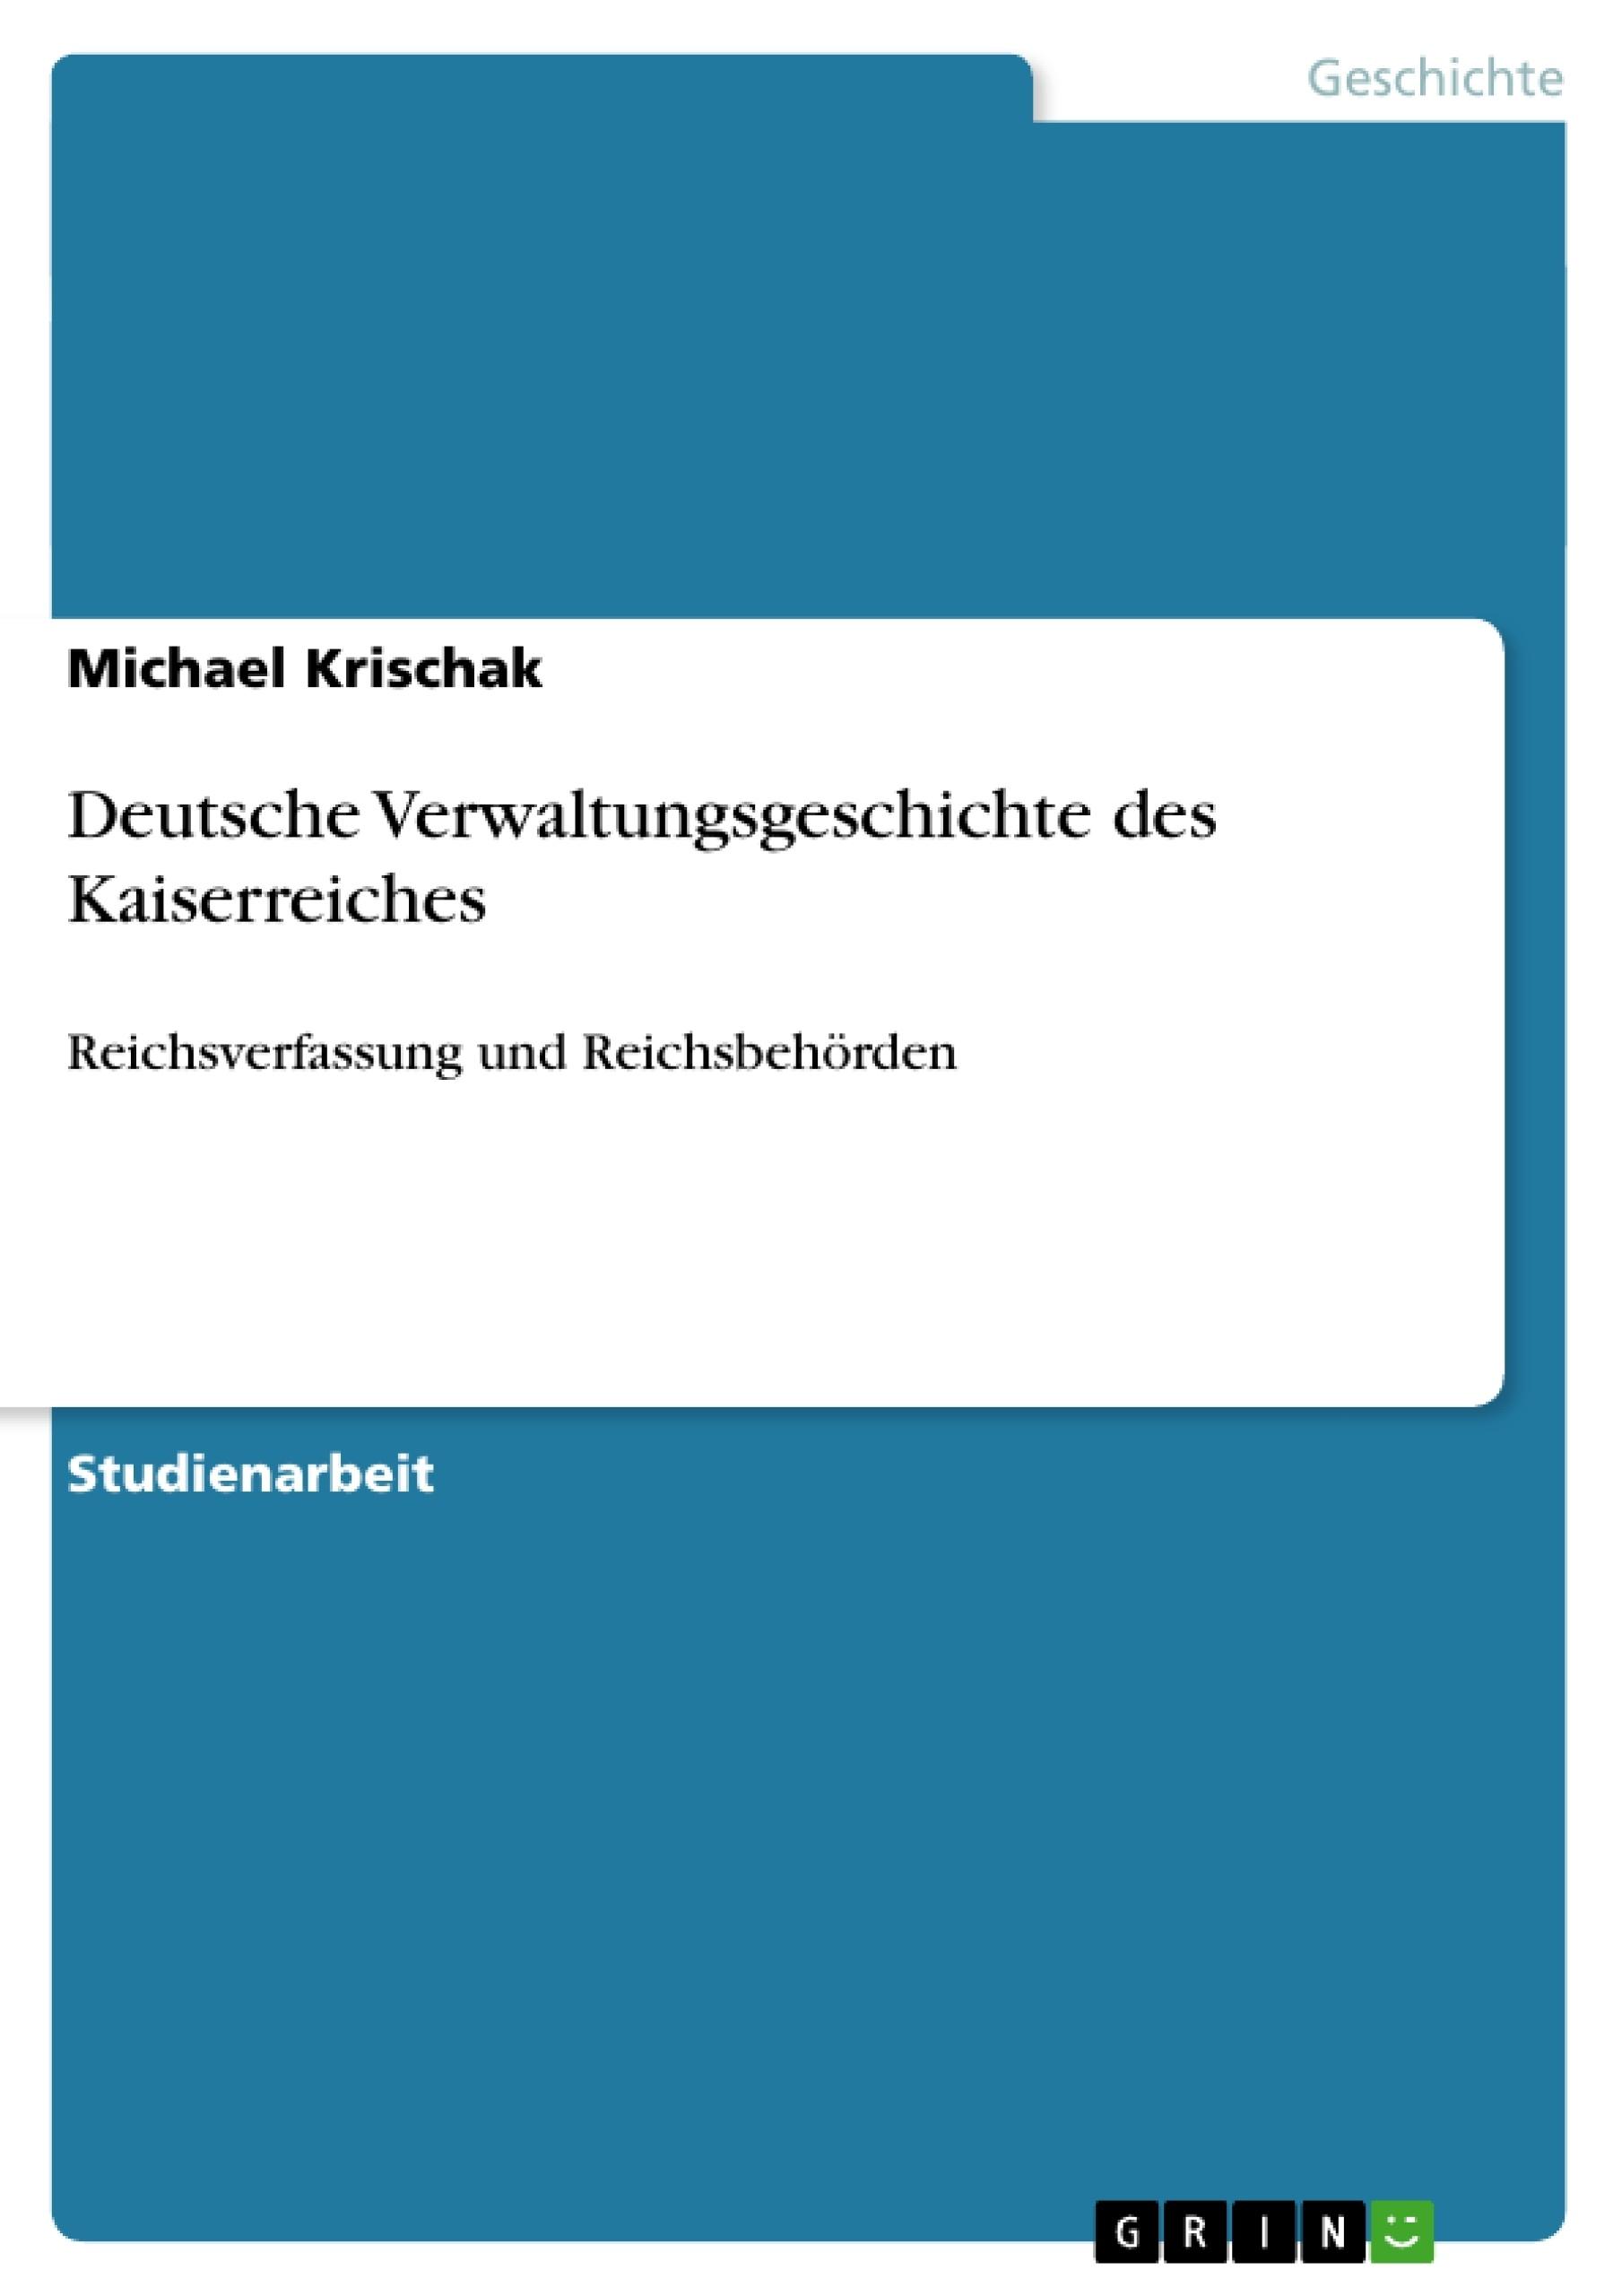 Titel: Deutsche Verwaltungsgeschichte des Kaiserreiches